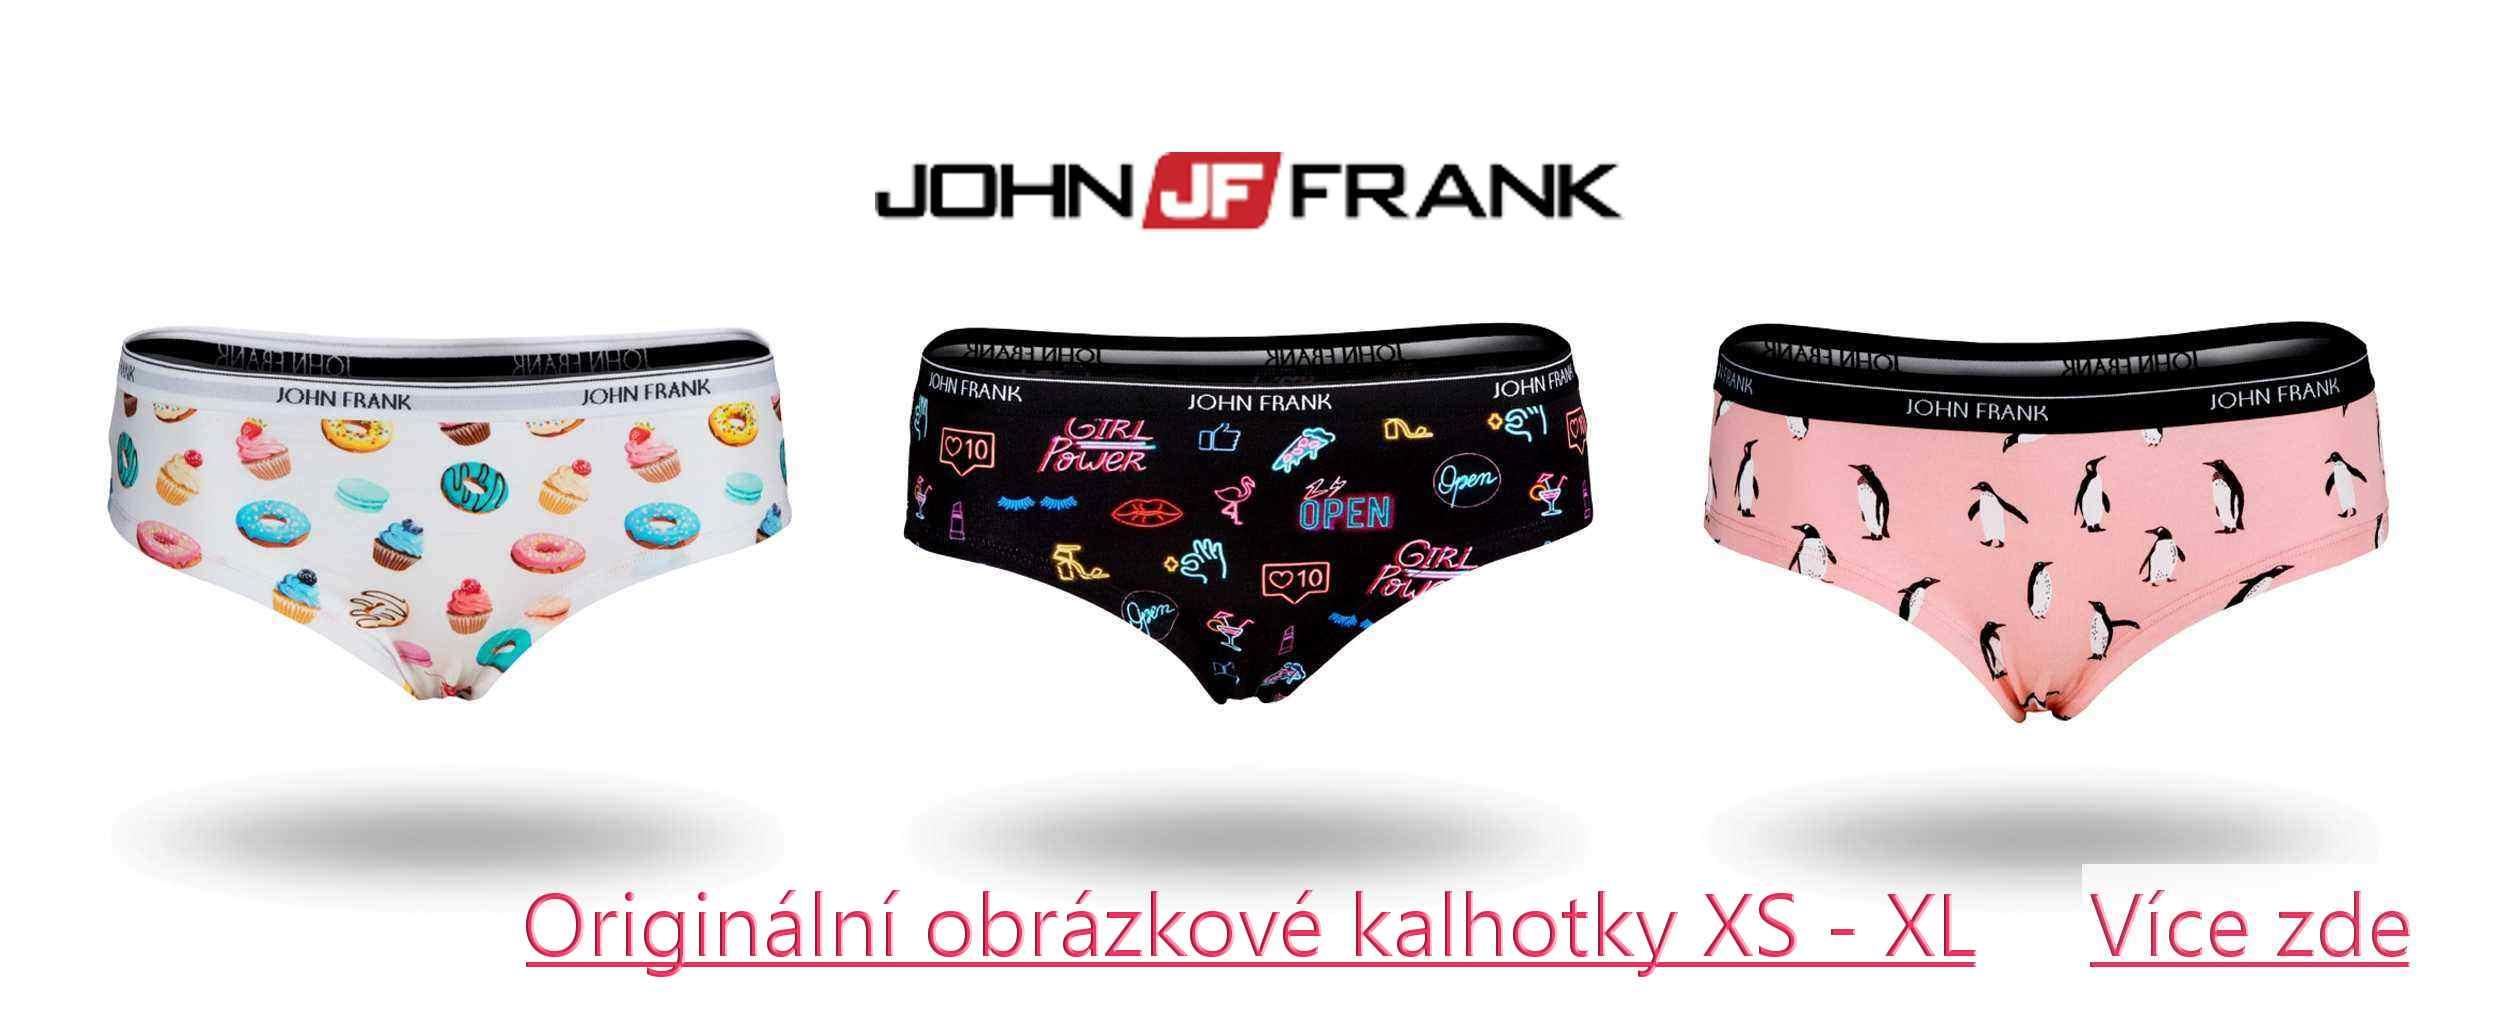 Kalhotky a boxerky John Frank